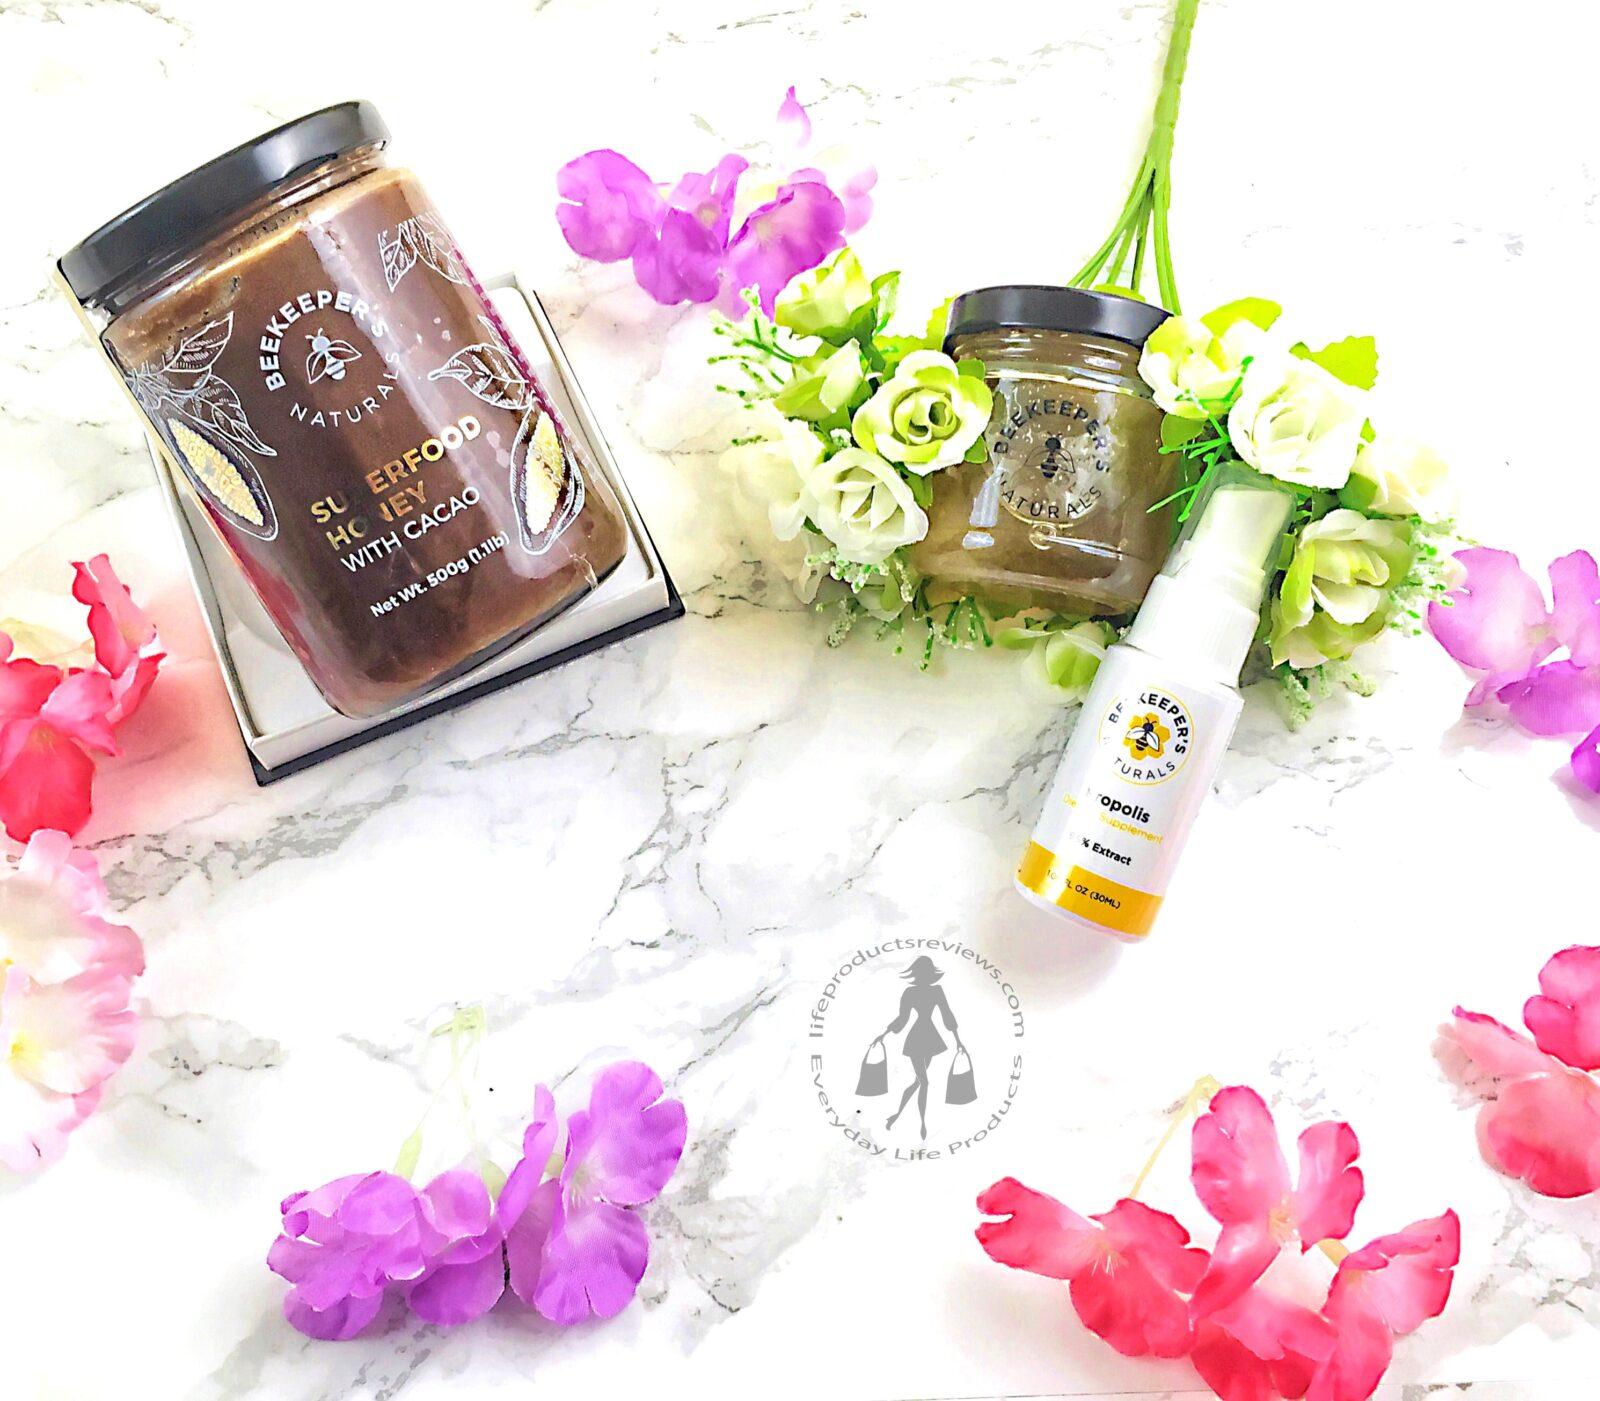 Honey-clover-cocao-beekeepers-naturals